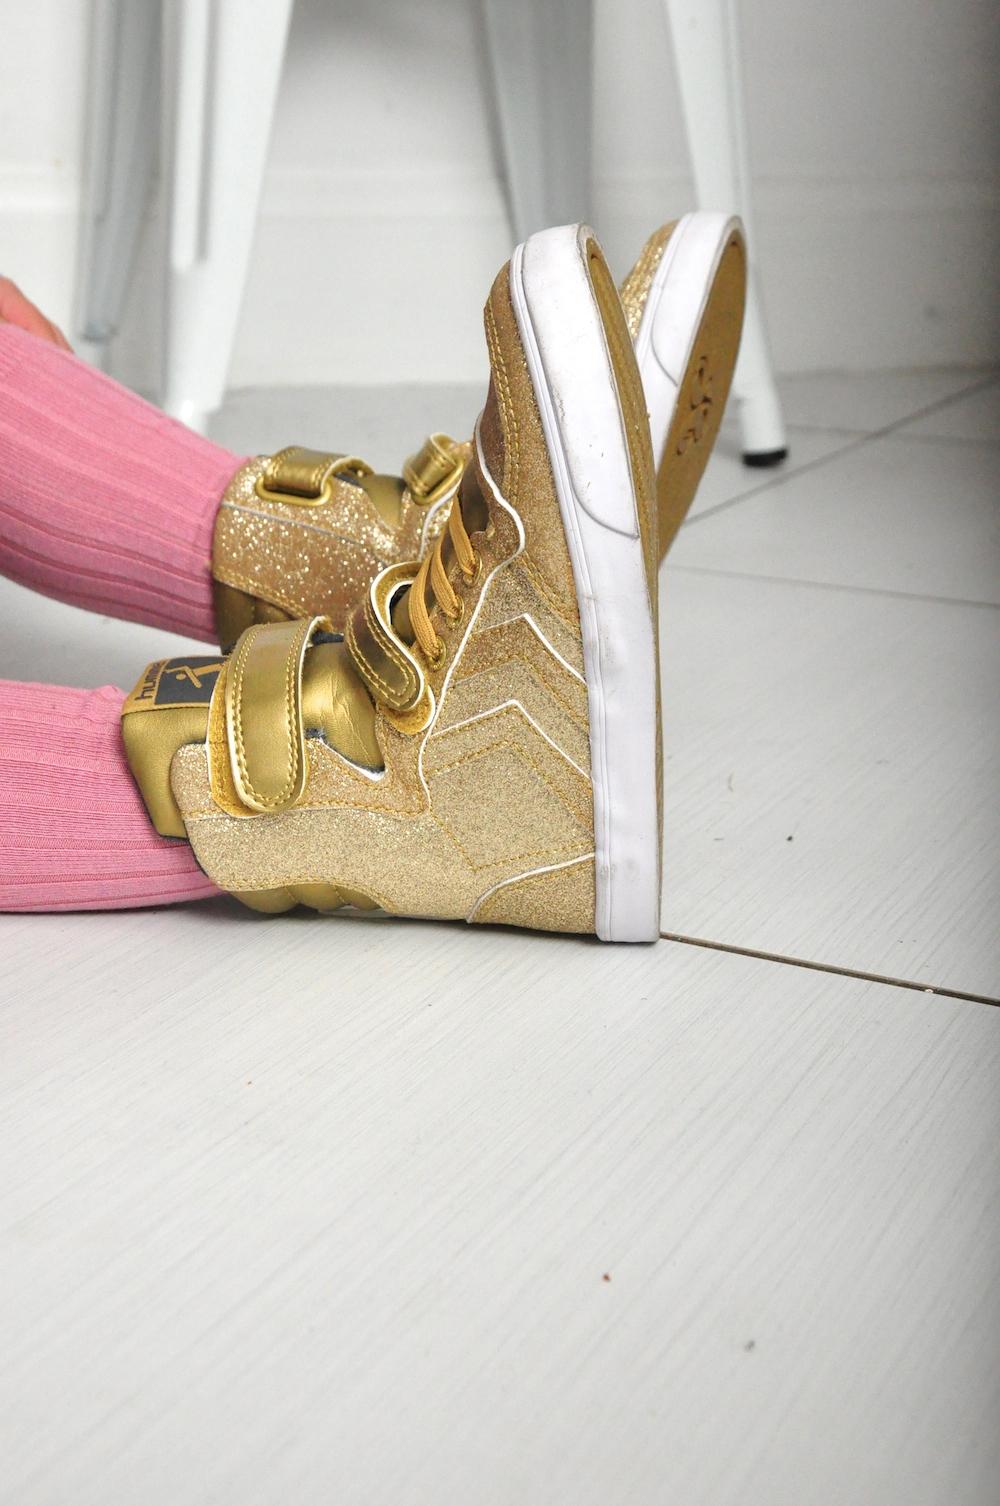 hummel_trainers_kidsen_shoes_discount_code